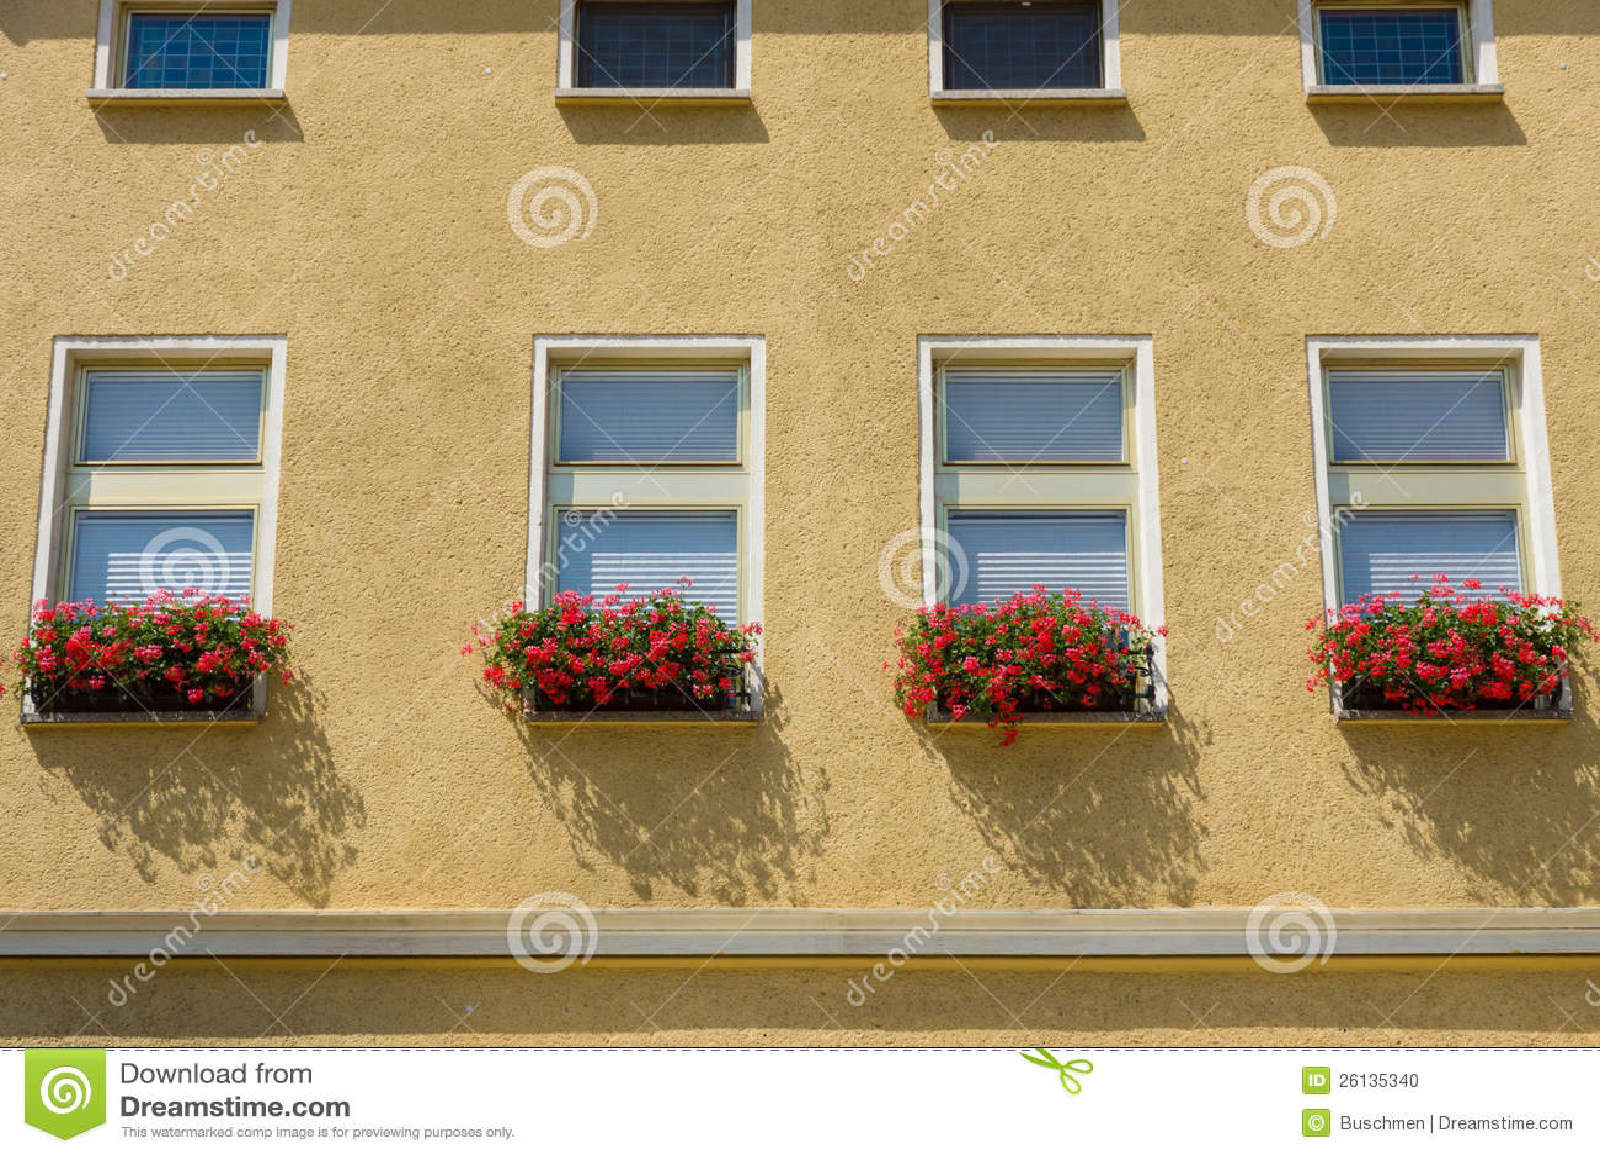 Bloemen op de vensterbank stock foto afbeelding bestaande uit doos 26135340 - Tuin decoratie buitenkant ...